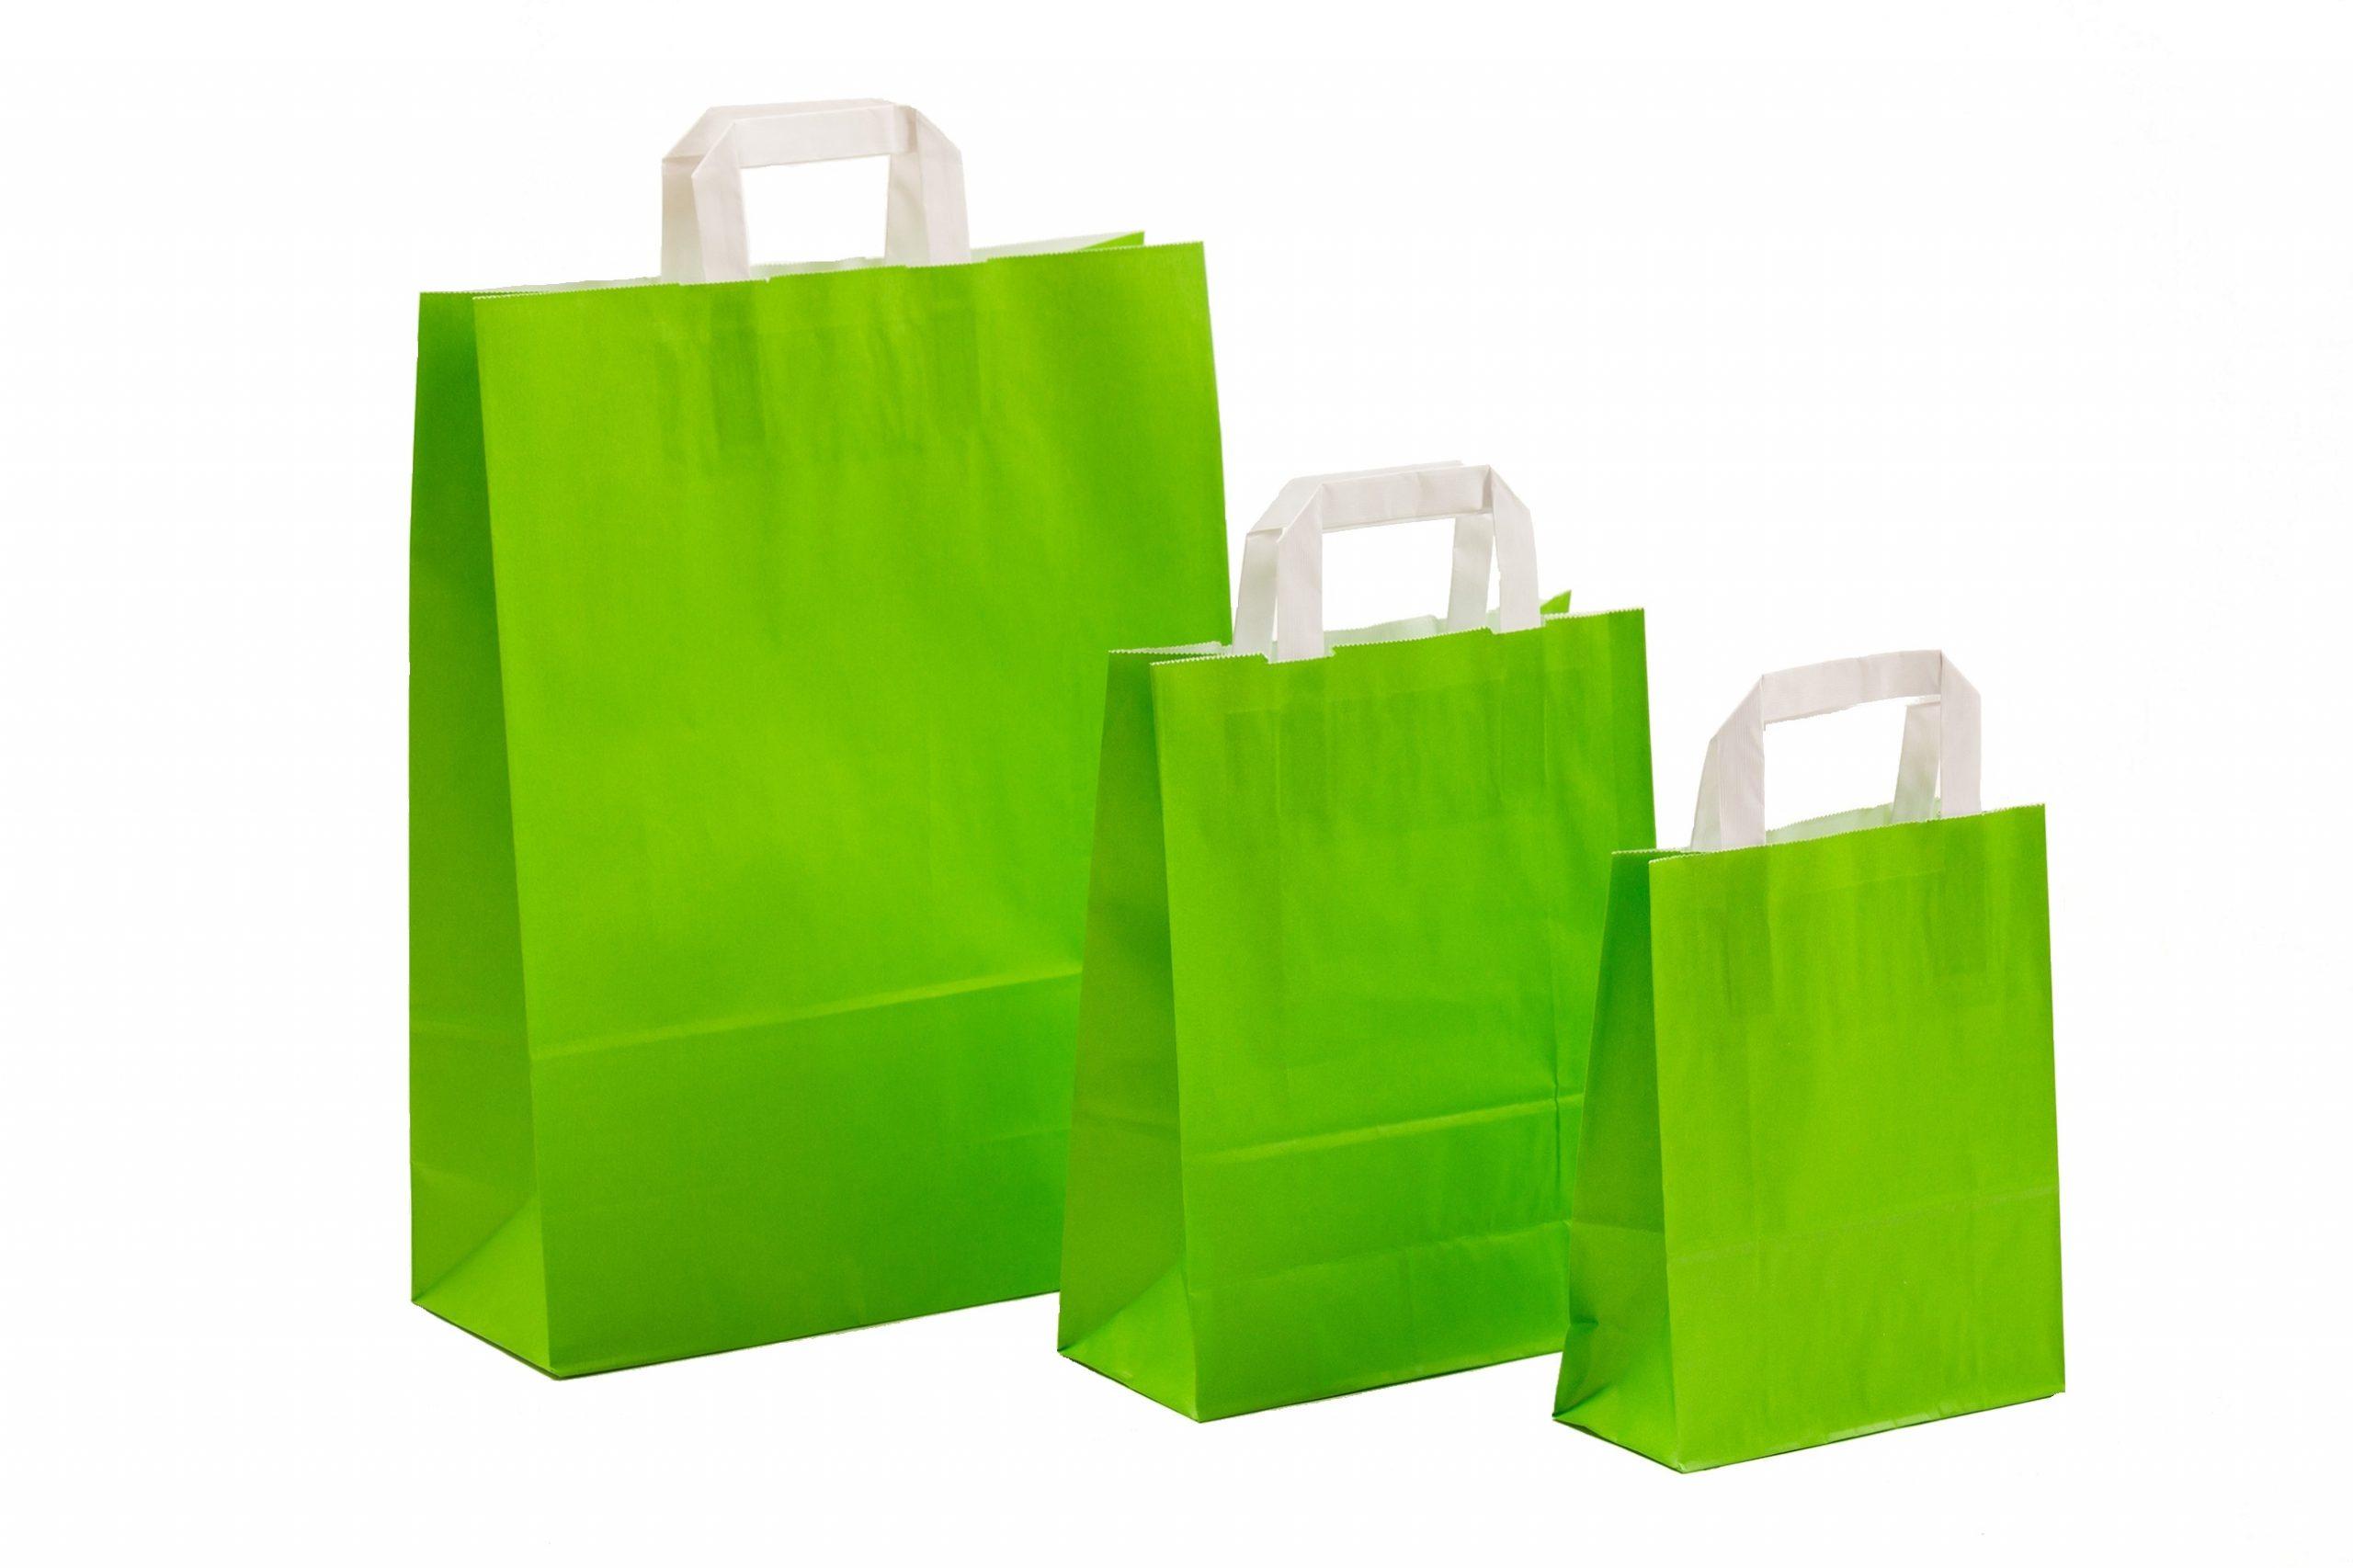 Papiertragetaschen UNI Grün mit Innenflachhenkel